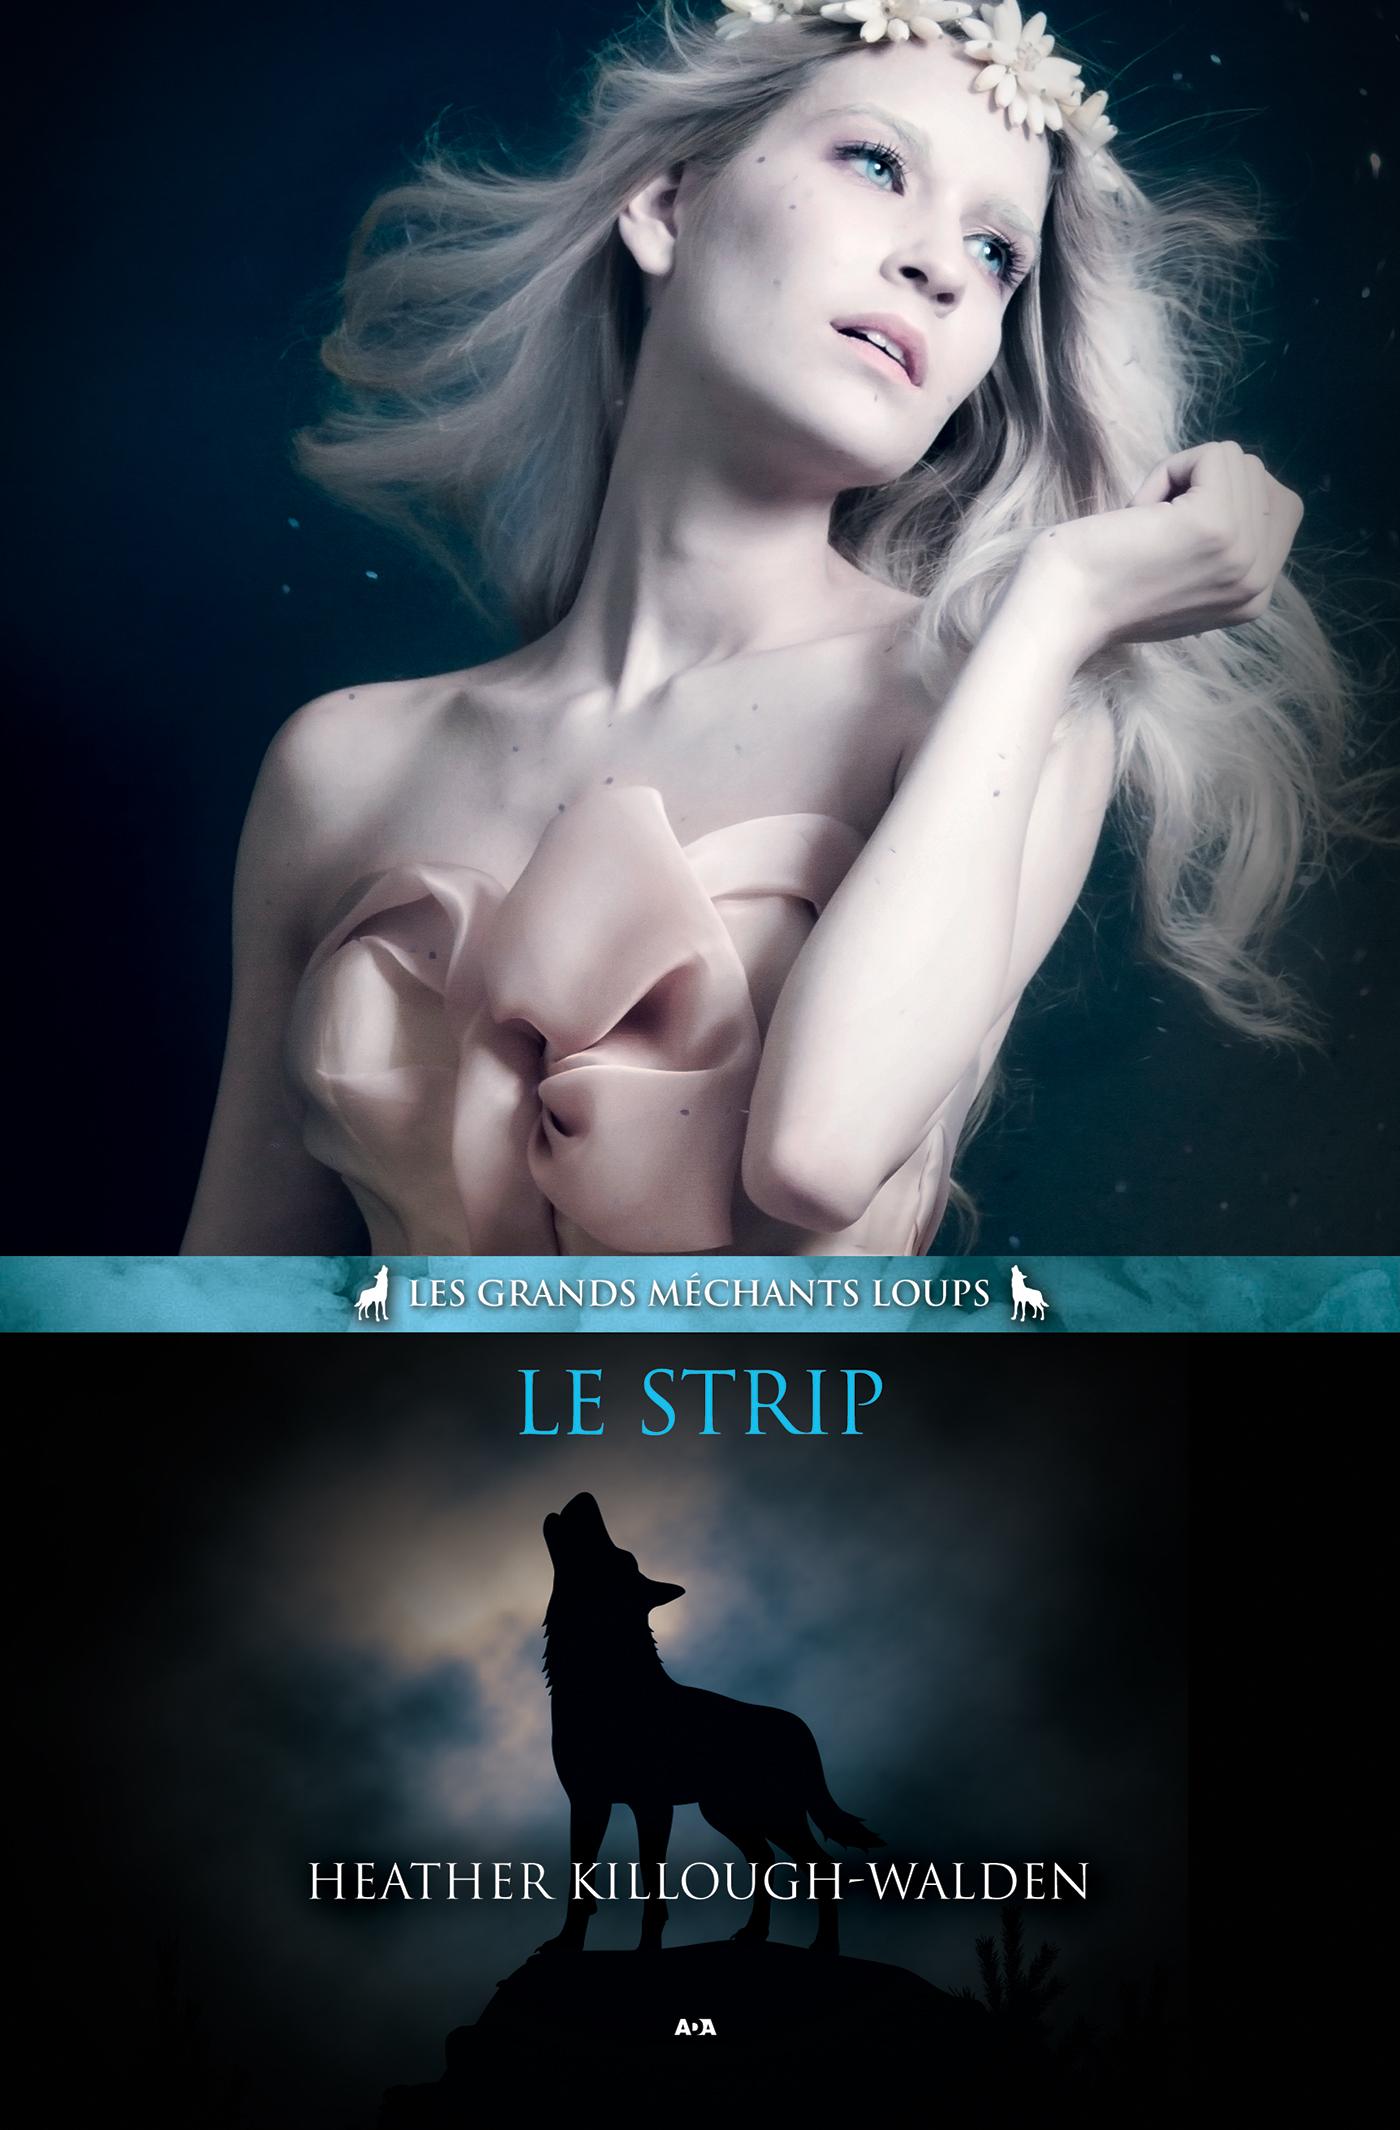 Le Strip